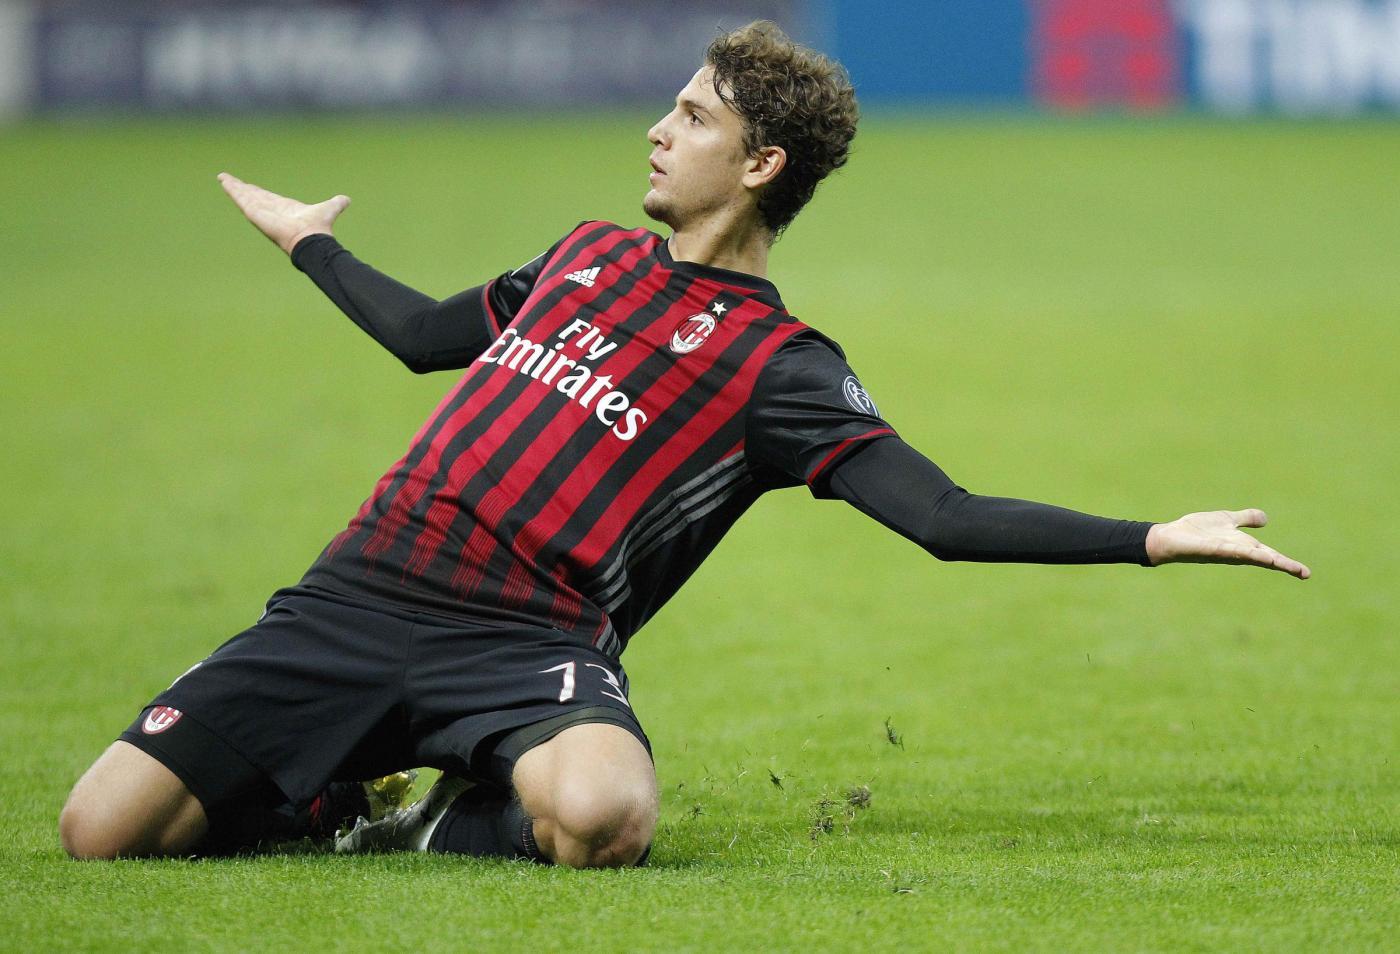 Locatelli-Sassuolo: l'affare con il Milan si sblocca!